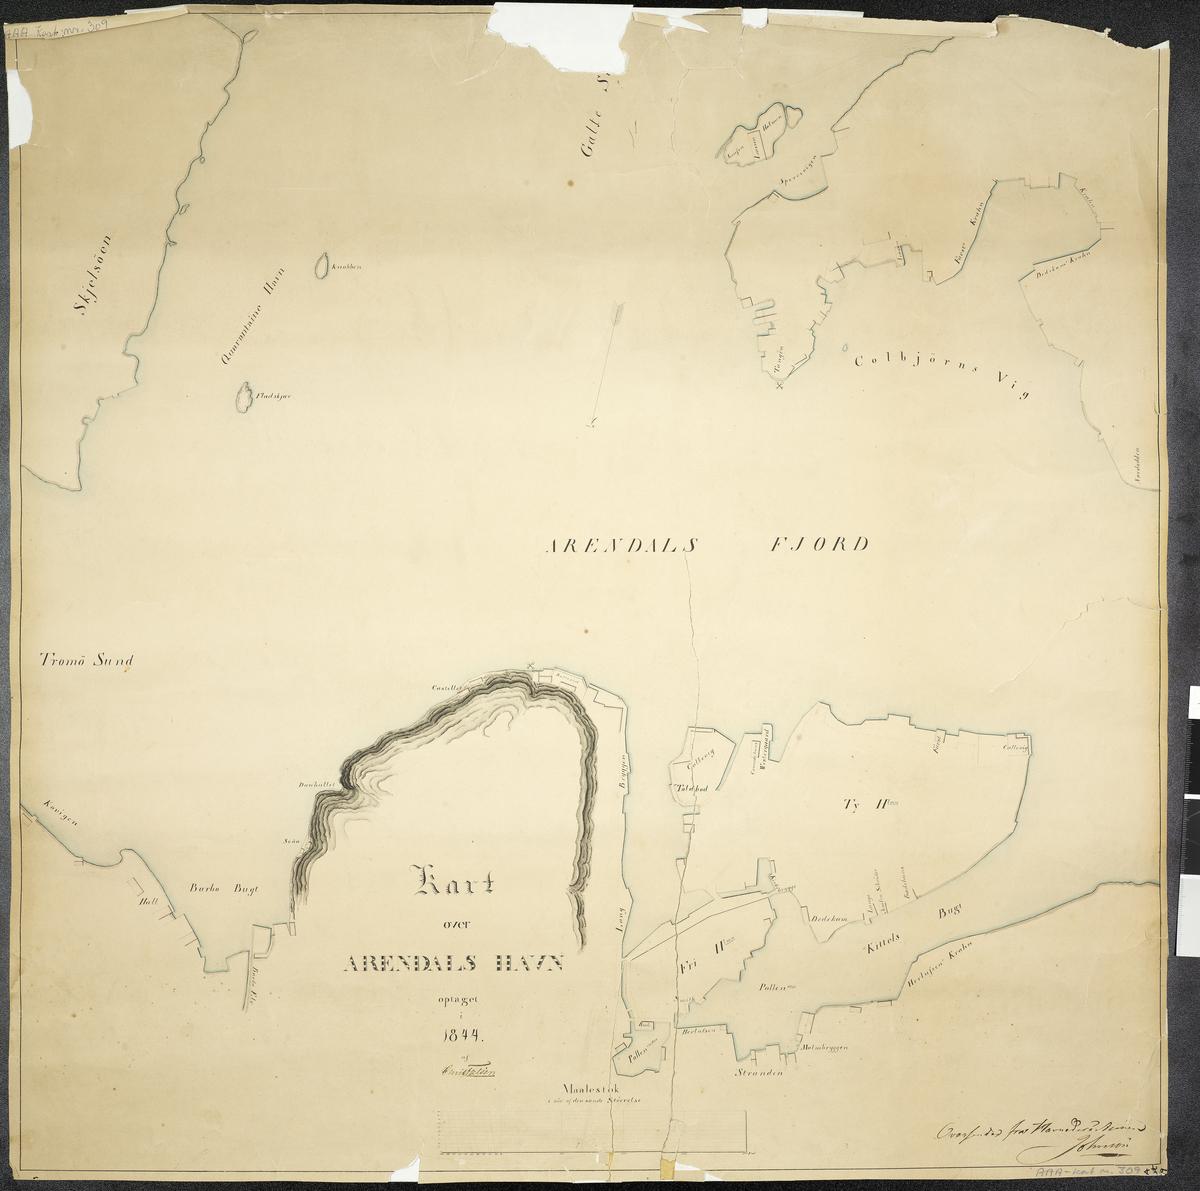 Kart over Arendals Havn